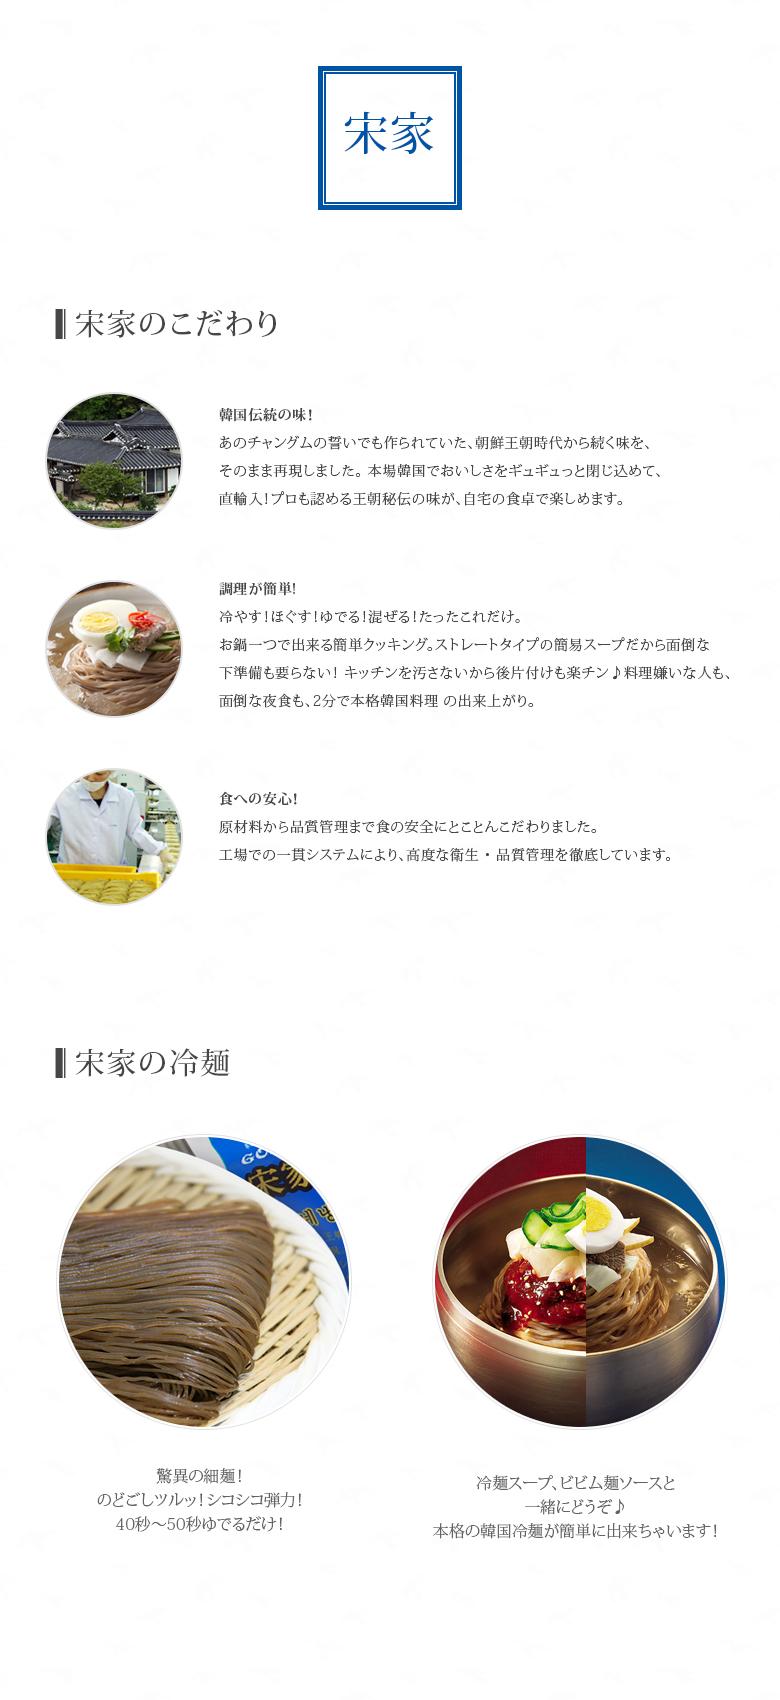 宋家 冷麺